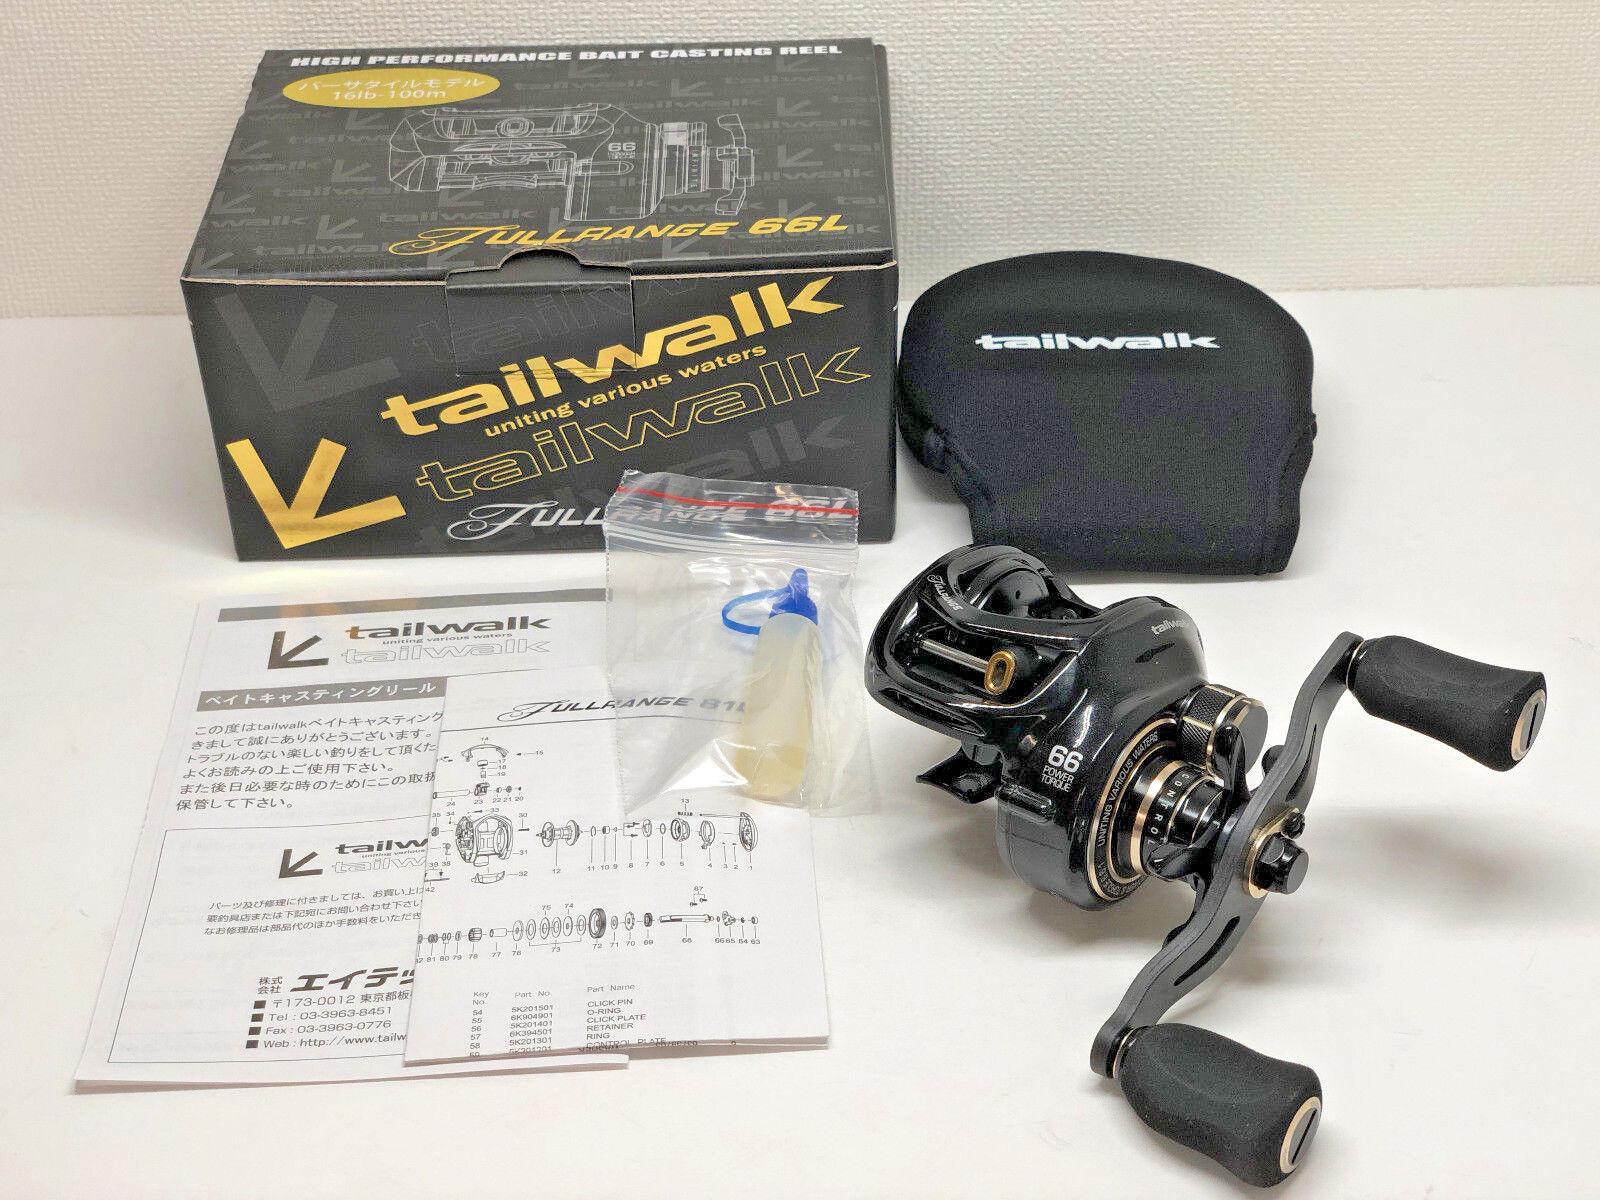 TailWalk FULLRANGE 66L  - Free Shipping from Japan